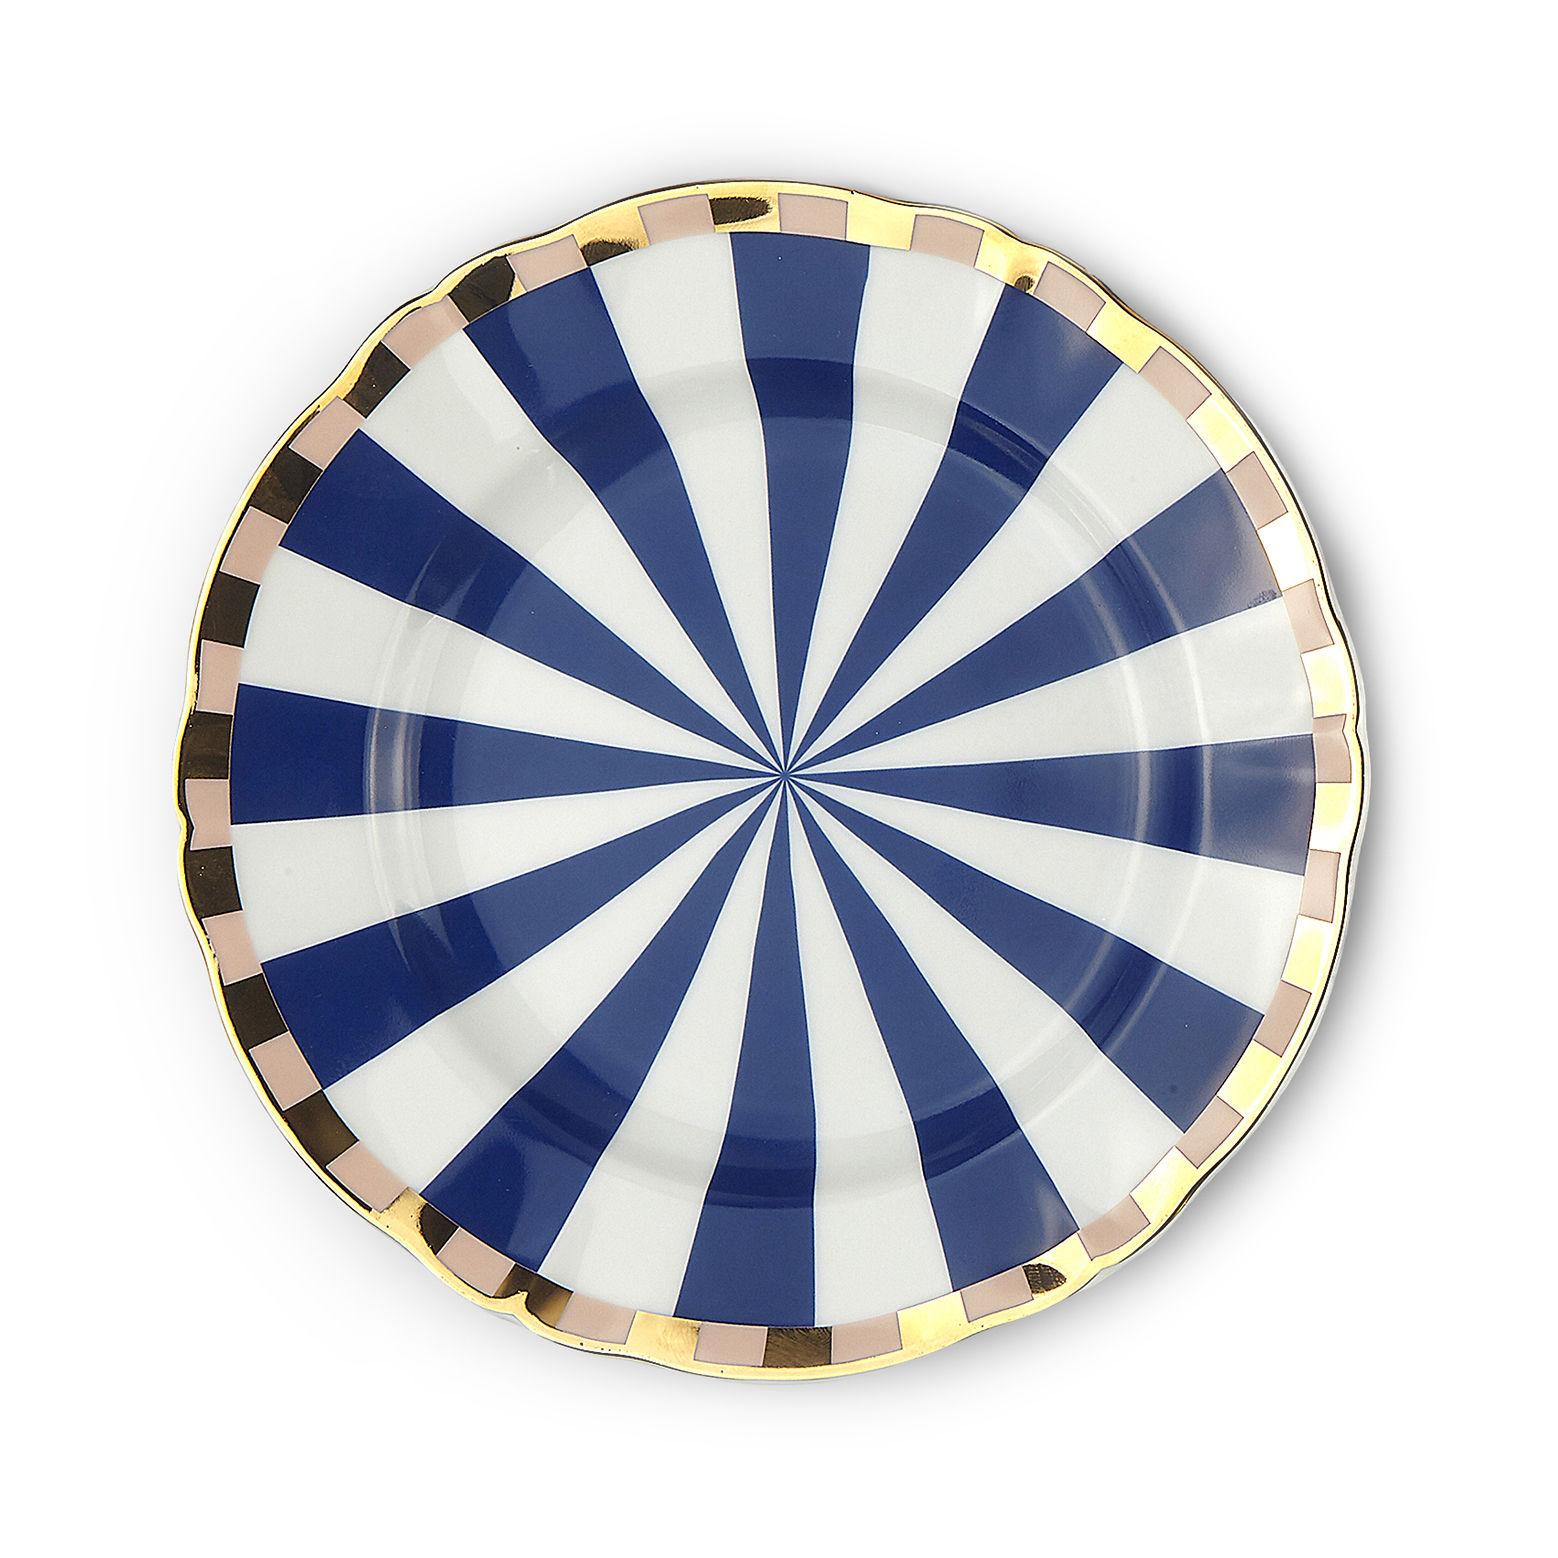 Tavola - Piatti  - Piatto da dessert Fortuna - / Ø 20,5 cm di Bitossi Home - Geometria - Porcellana